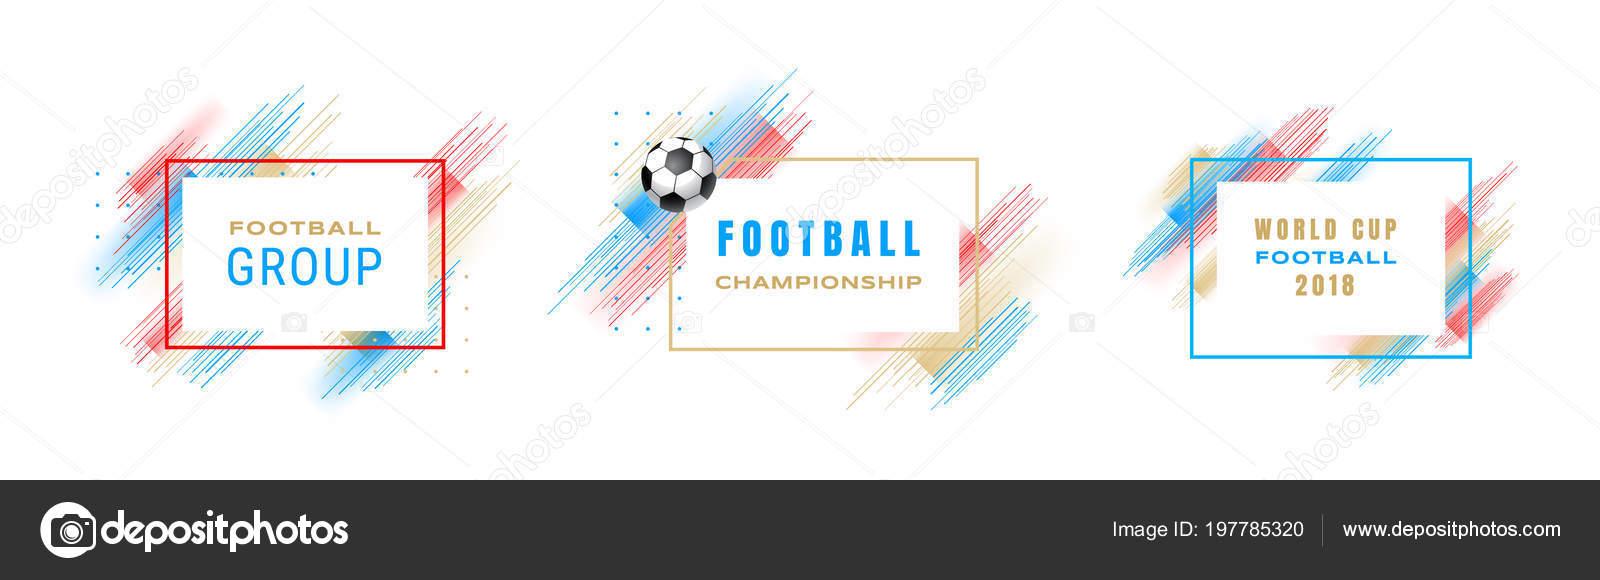 Football cup 2018, soccer championship illustration. Vector frames ...